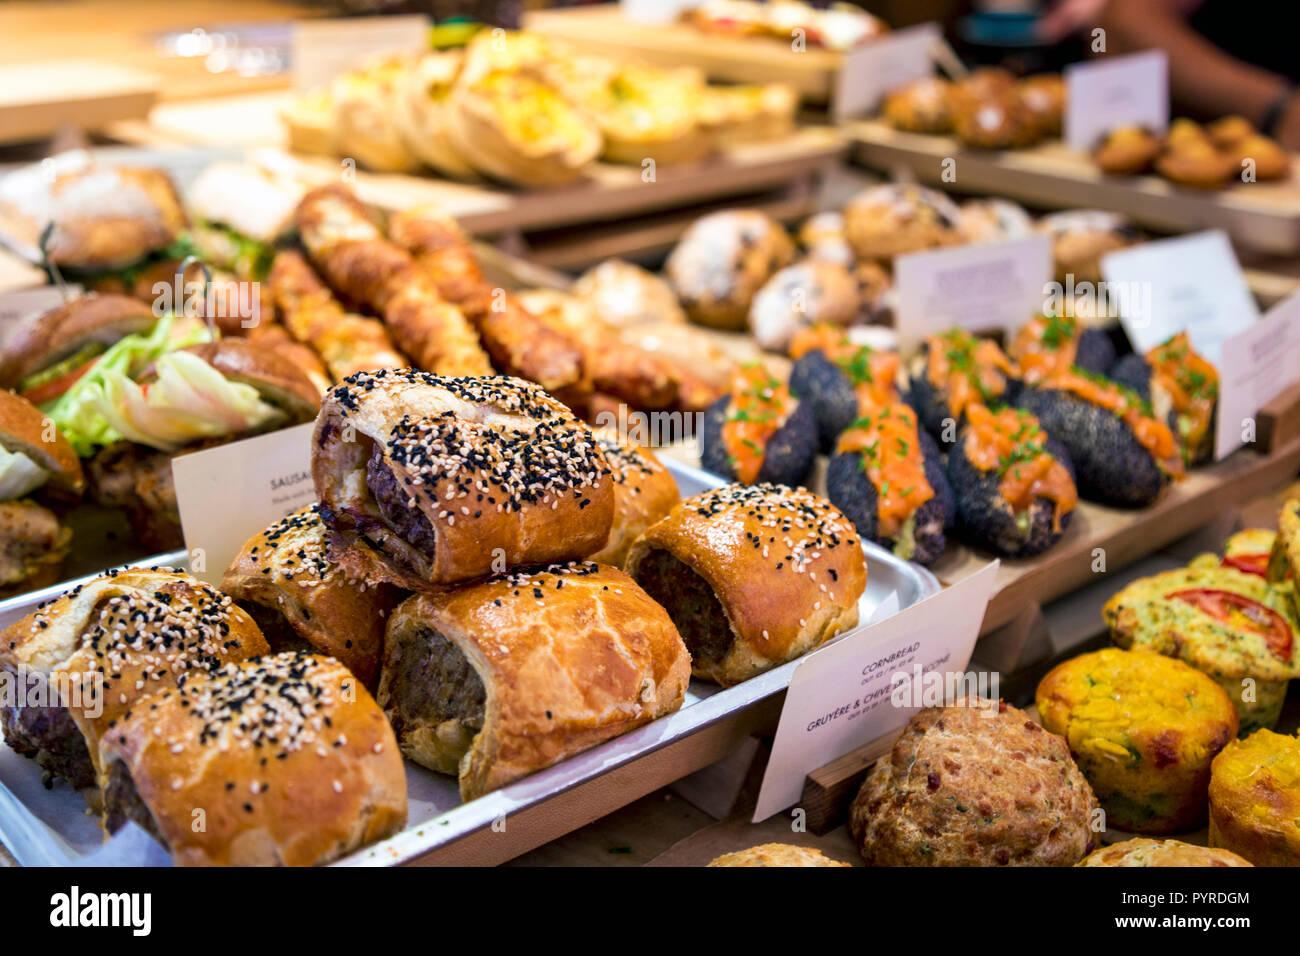 Délicieux rouleaux de saucisses et de pains et des sandwichs dans un café/boulangerie (Gail), London, UK Photo Stock